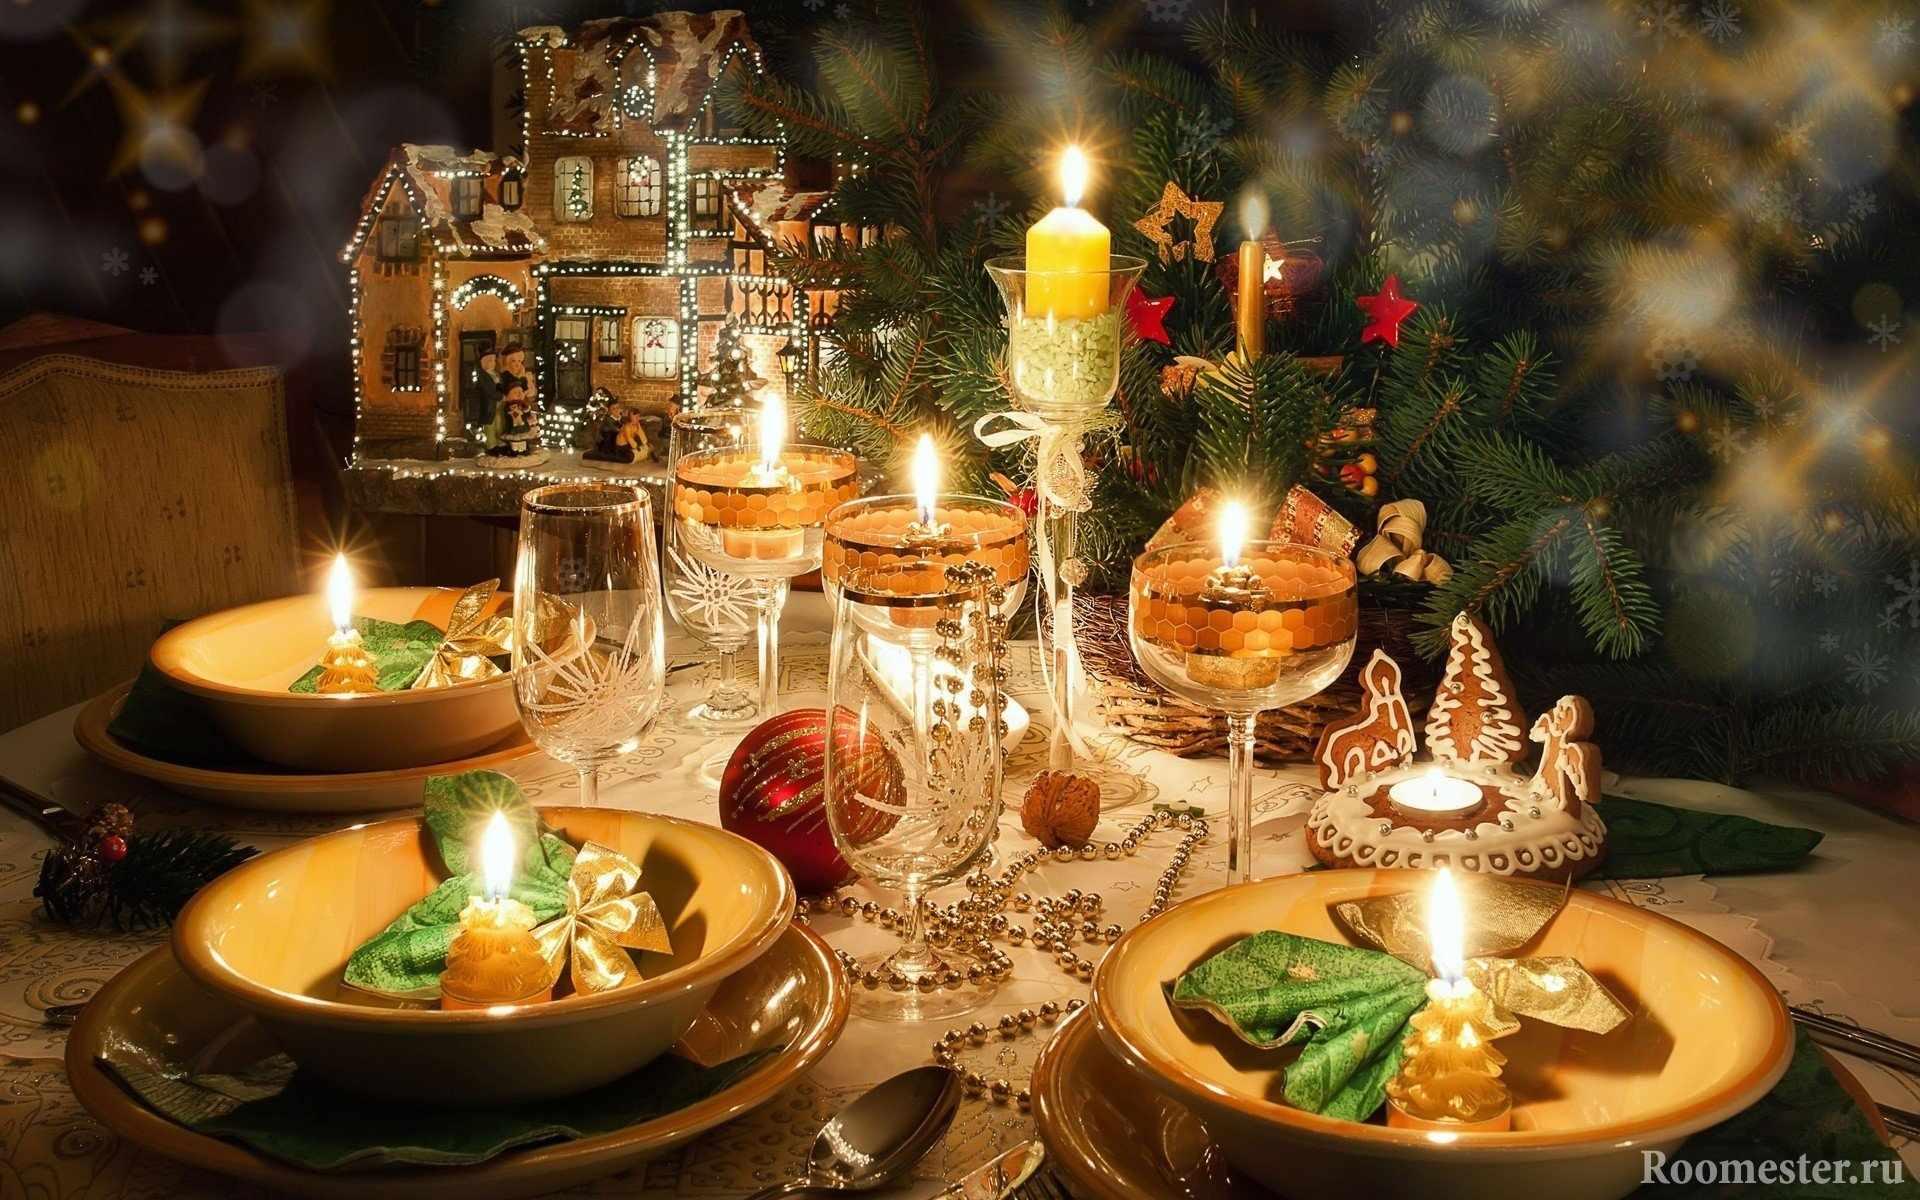 Свечи неотъемлемая часть новогодней сервировки